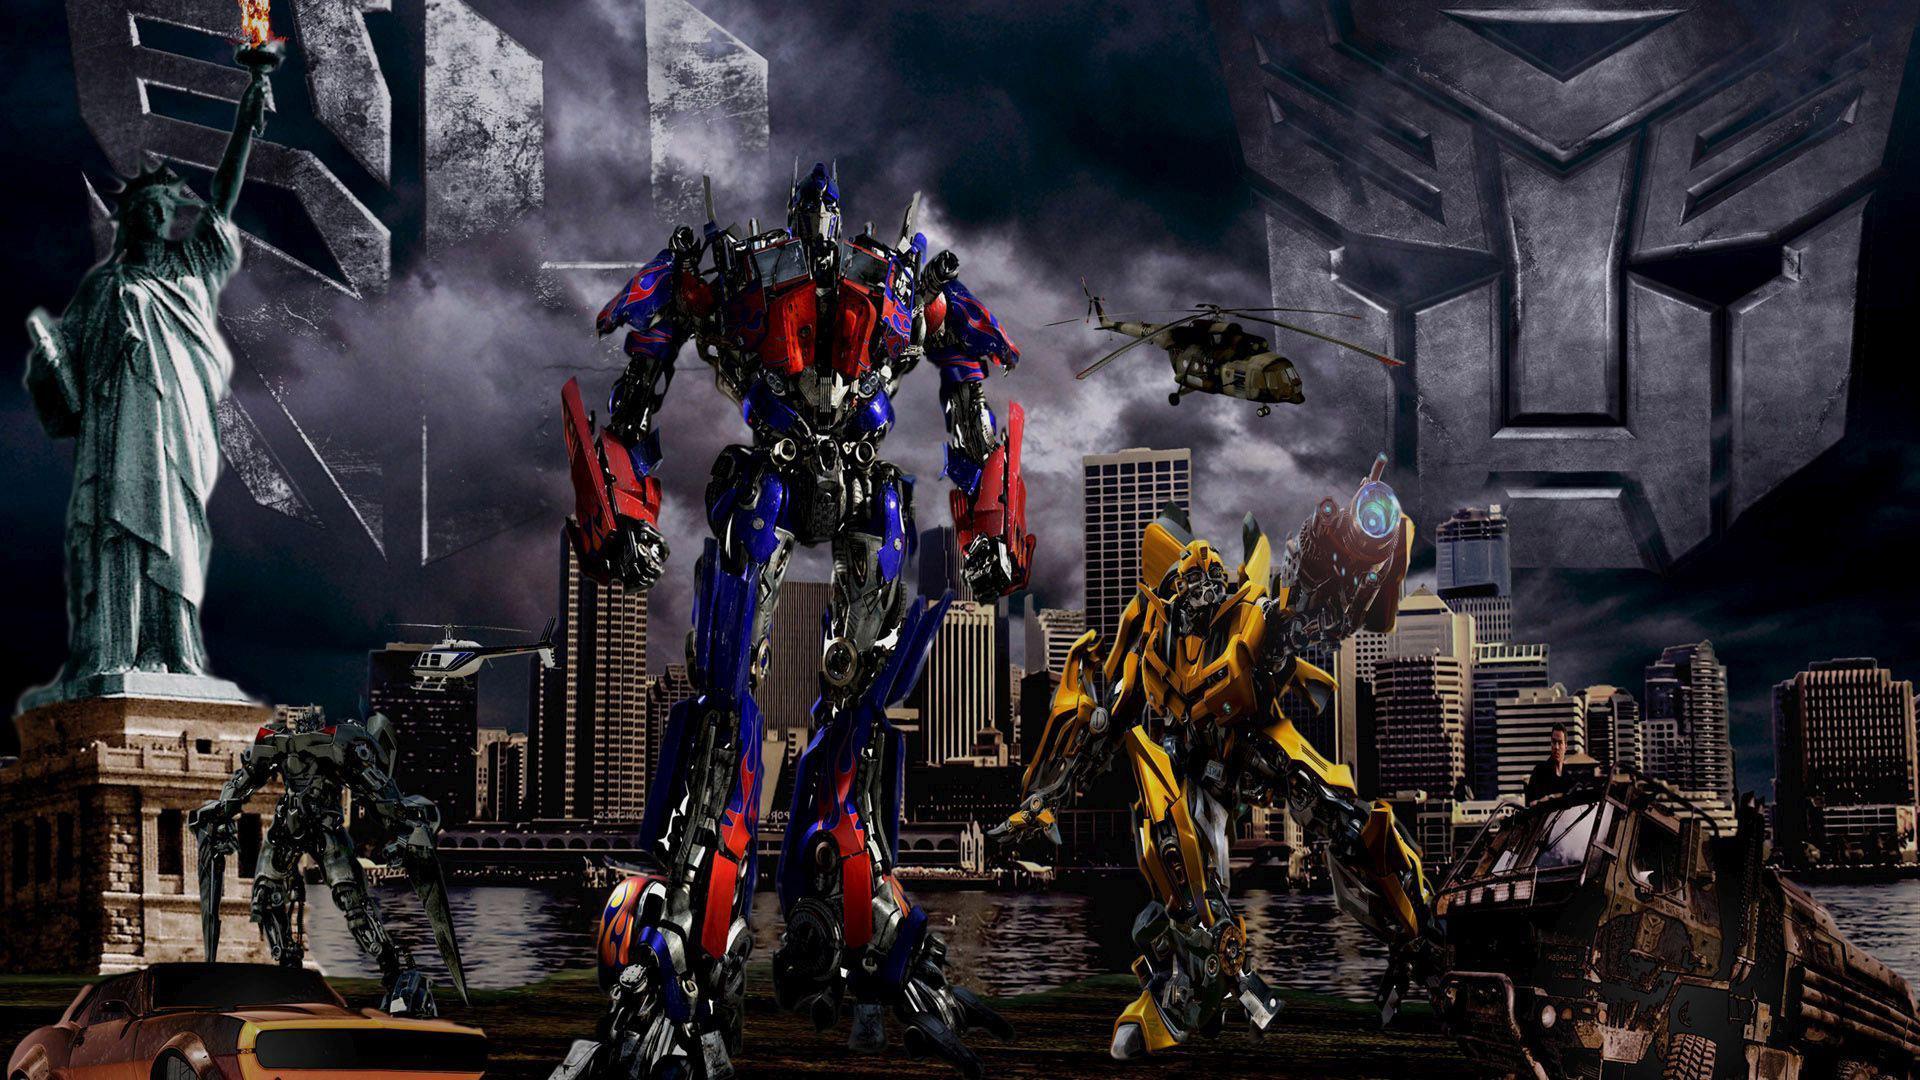 Transformers Wallpapers HD | PixelsTalk.Net